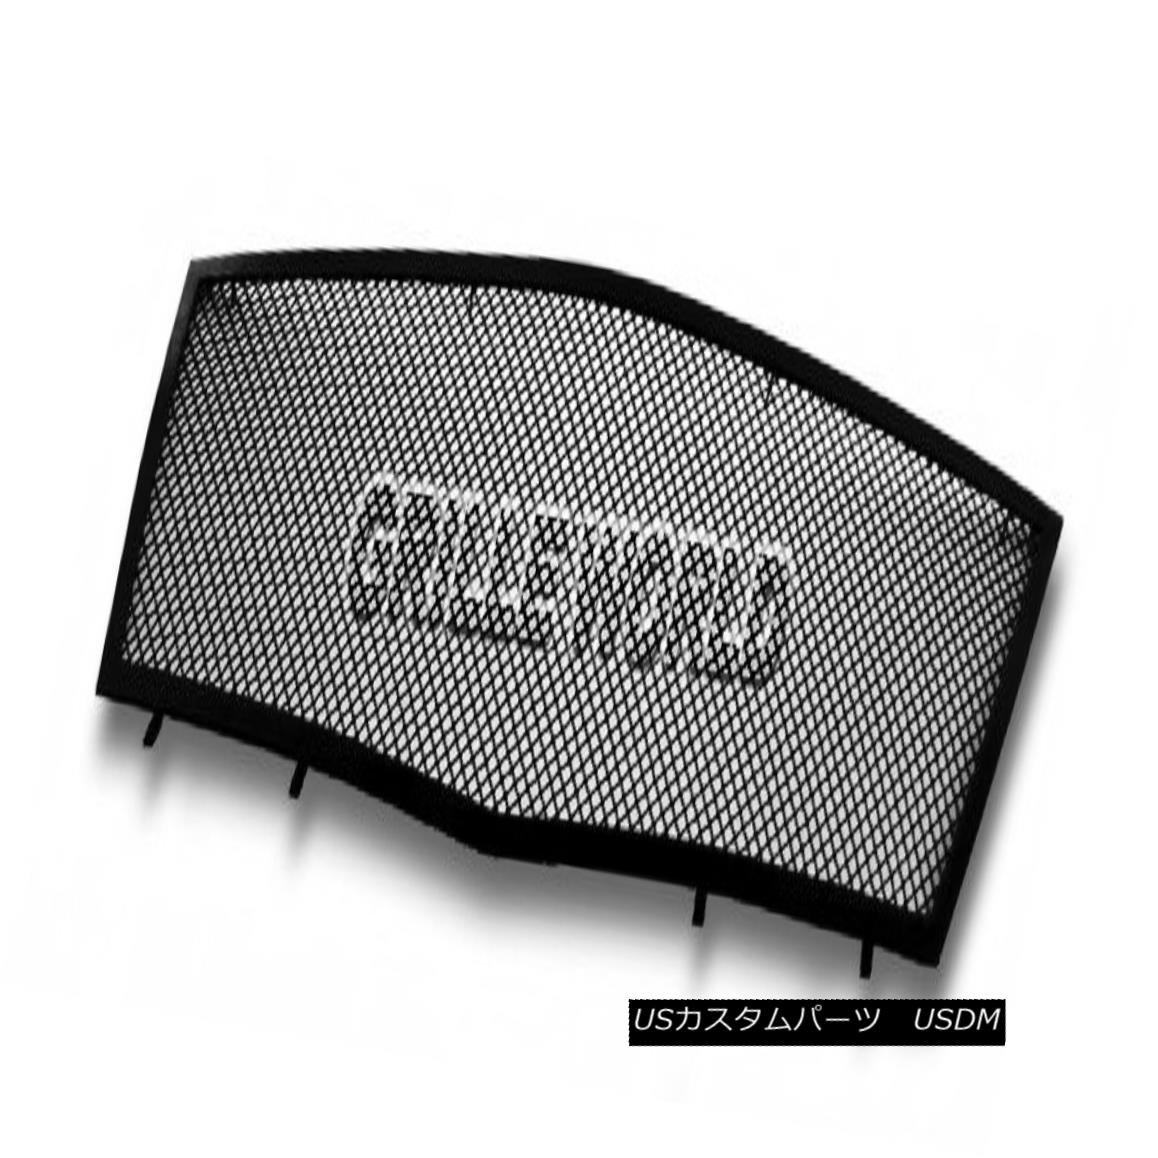 グリル For 2008-2011 Cadillac CTS Black Stainless Steel Mesh Premium Grille Grill 2008年から2011年のキャデラックCTSブラックステンレスメッシュプレミアムグリルグリル